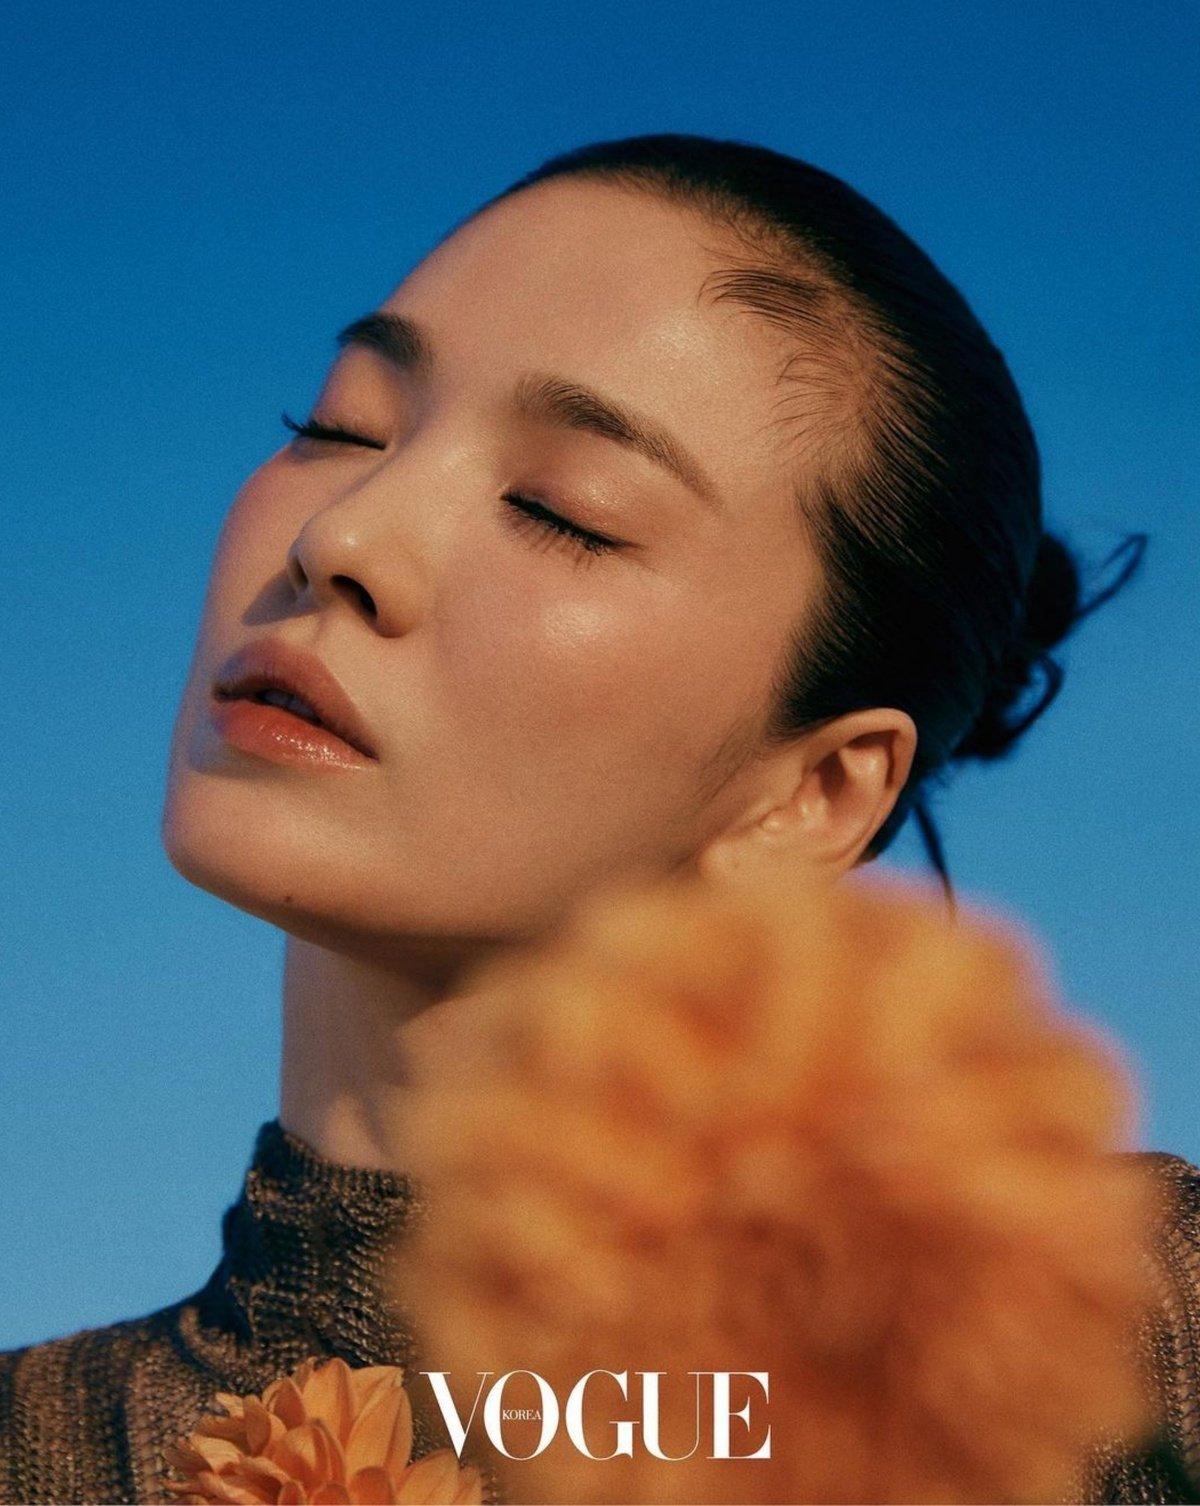 Hơn 3 năm ly hôn, Song Hye Kyo 'vạch trần' bí mật hôn nhân với Song Joong Ki? 2